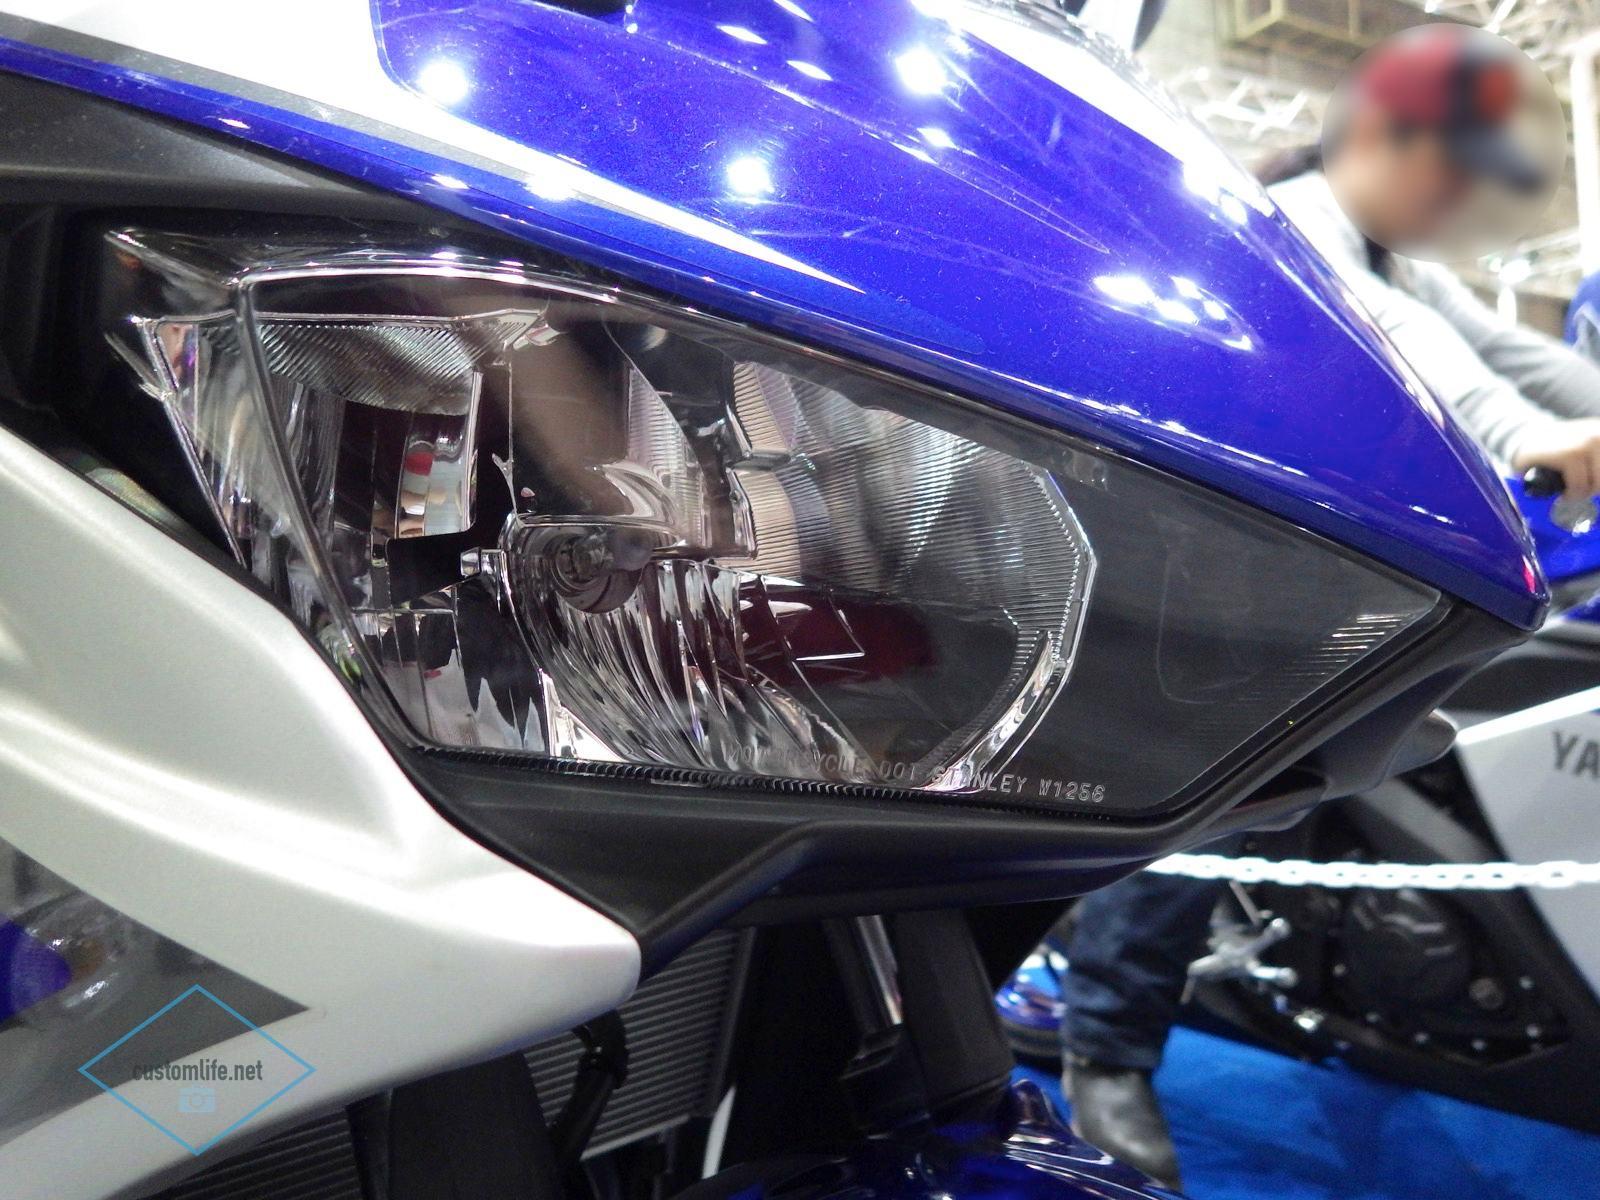 MotorcycleShow 2015 Osaka 96